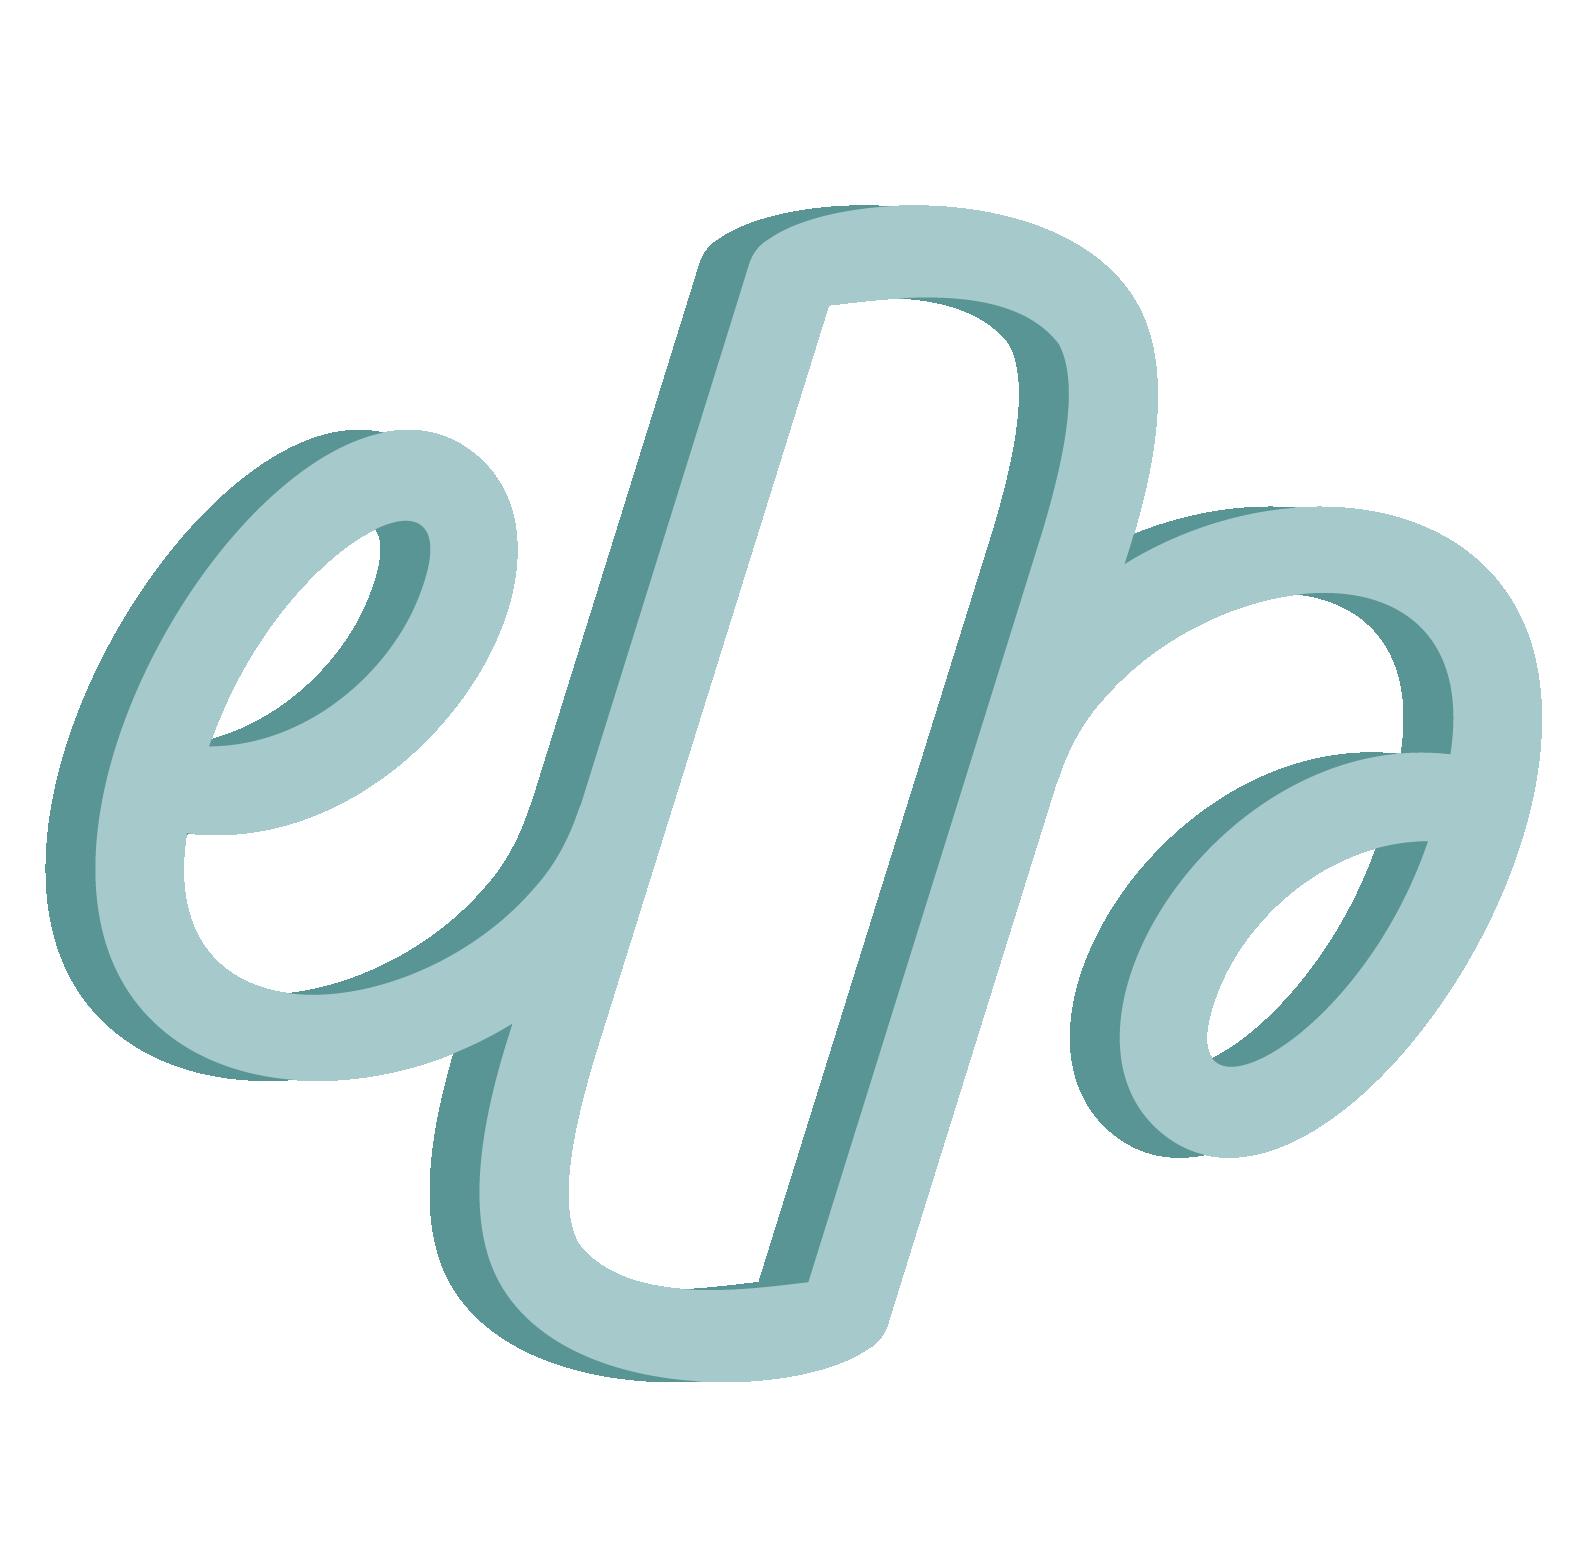 Ella Seymour Design